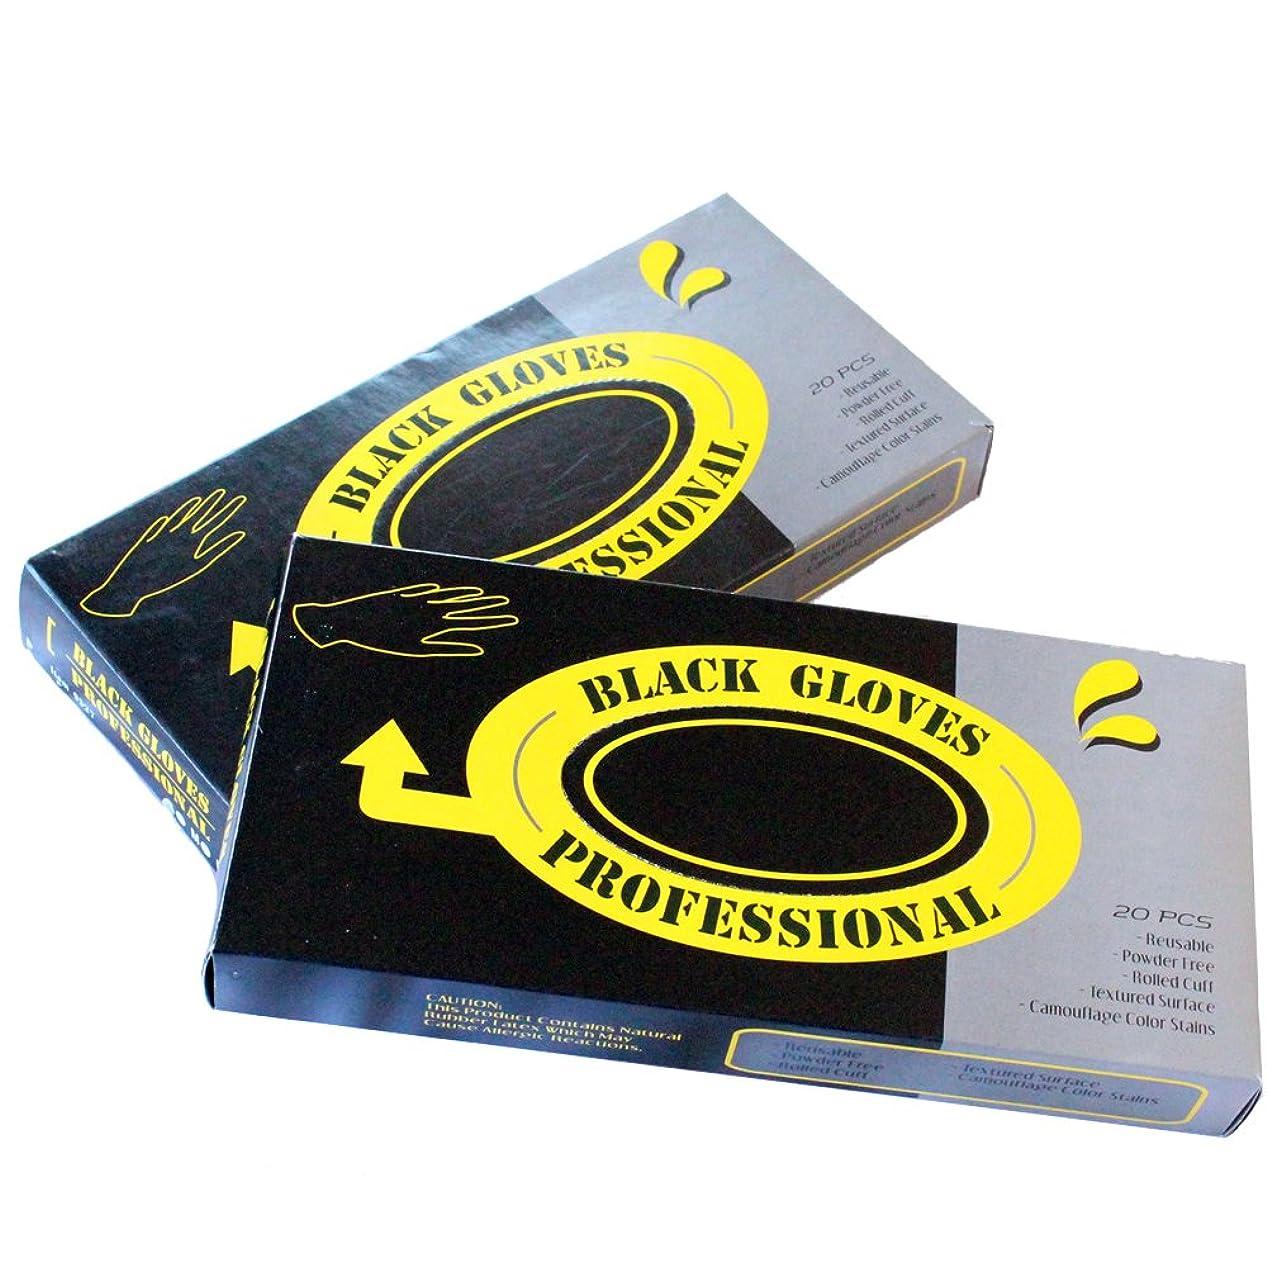 閉じ込める持続的安らぎ天然ゴム手袋 20枚入 ブラックグローブ